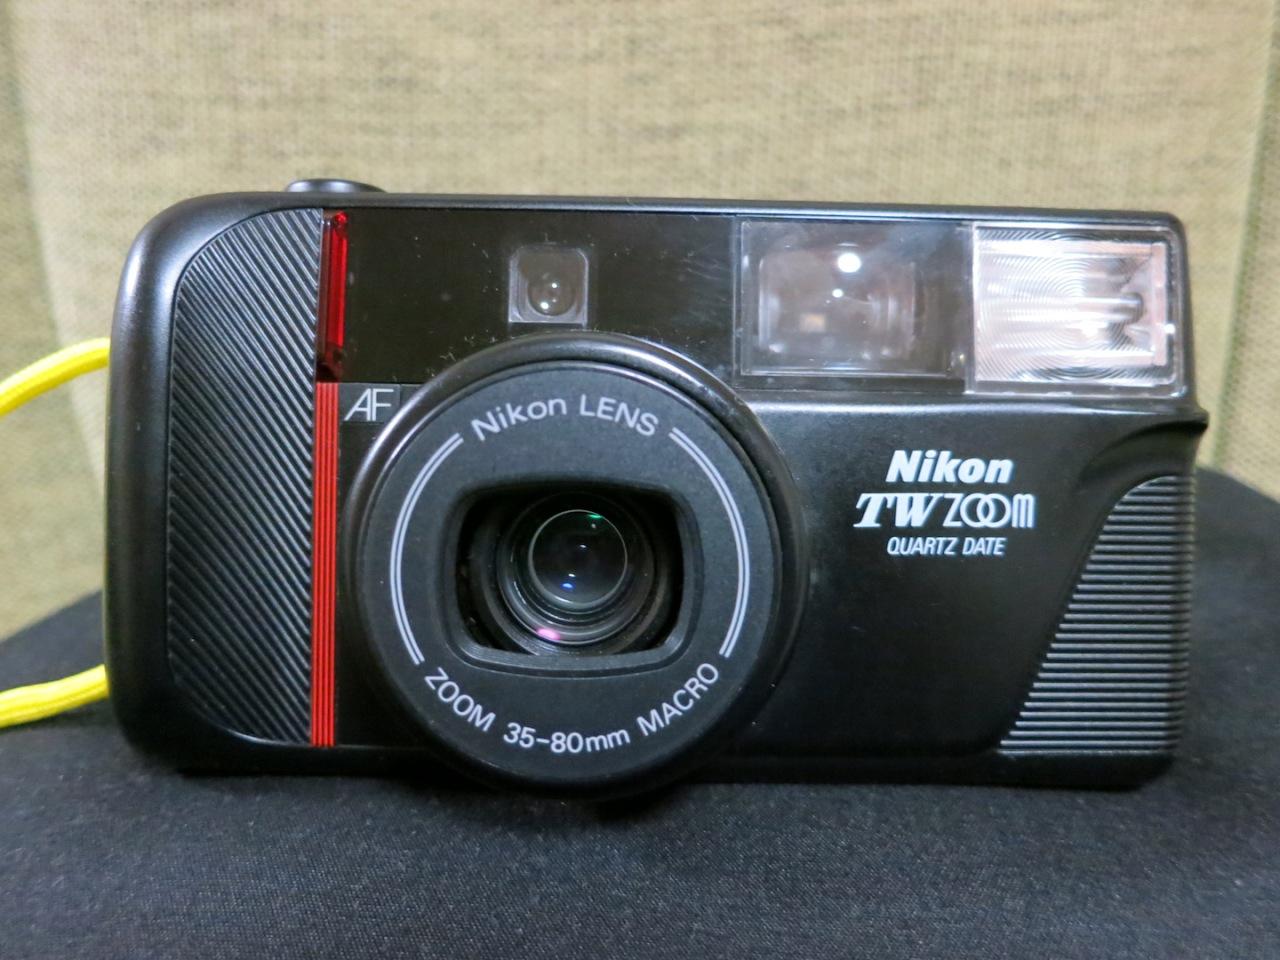 Nikon TW Zoom